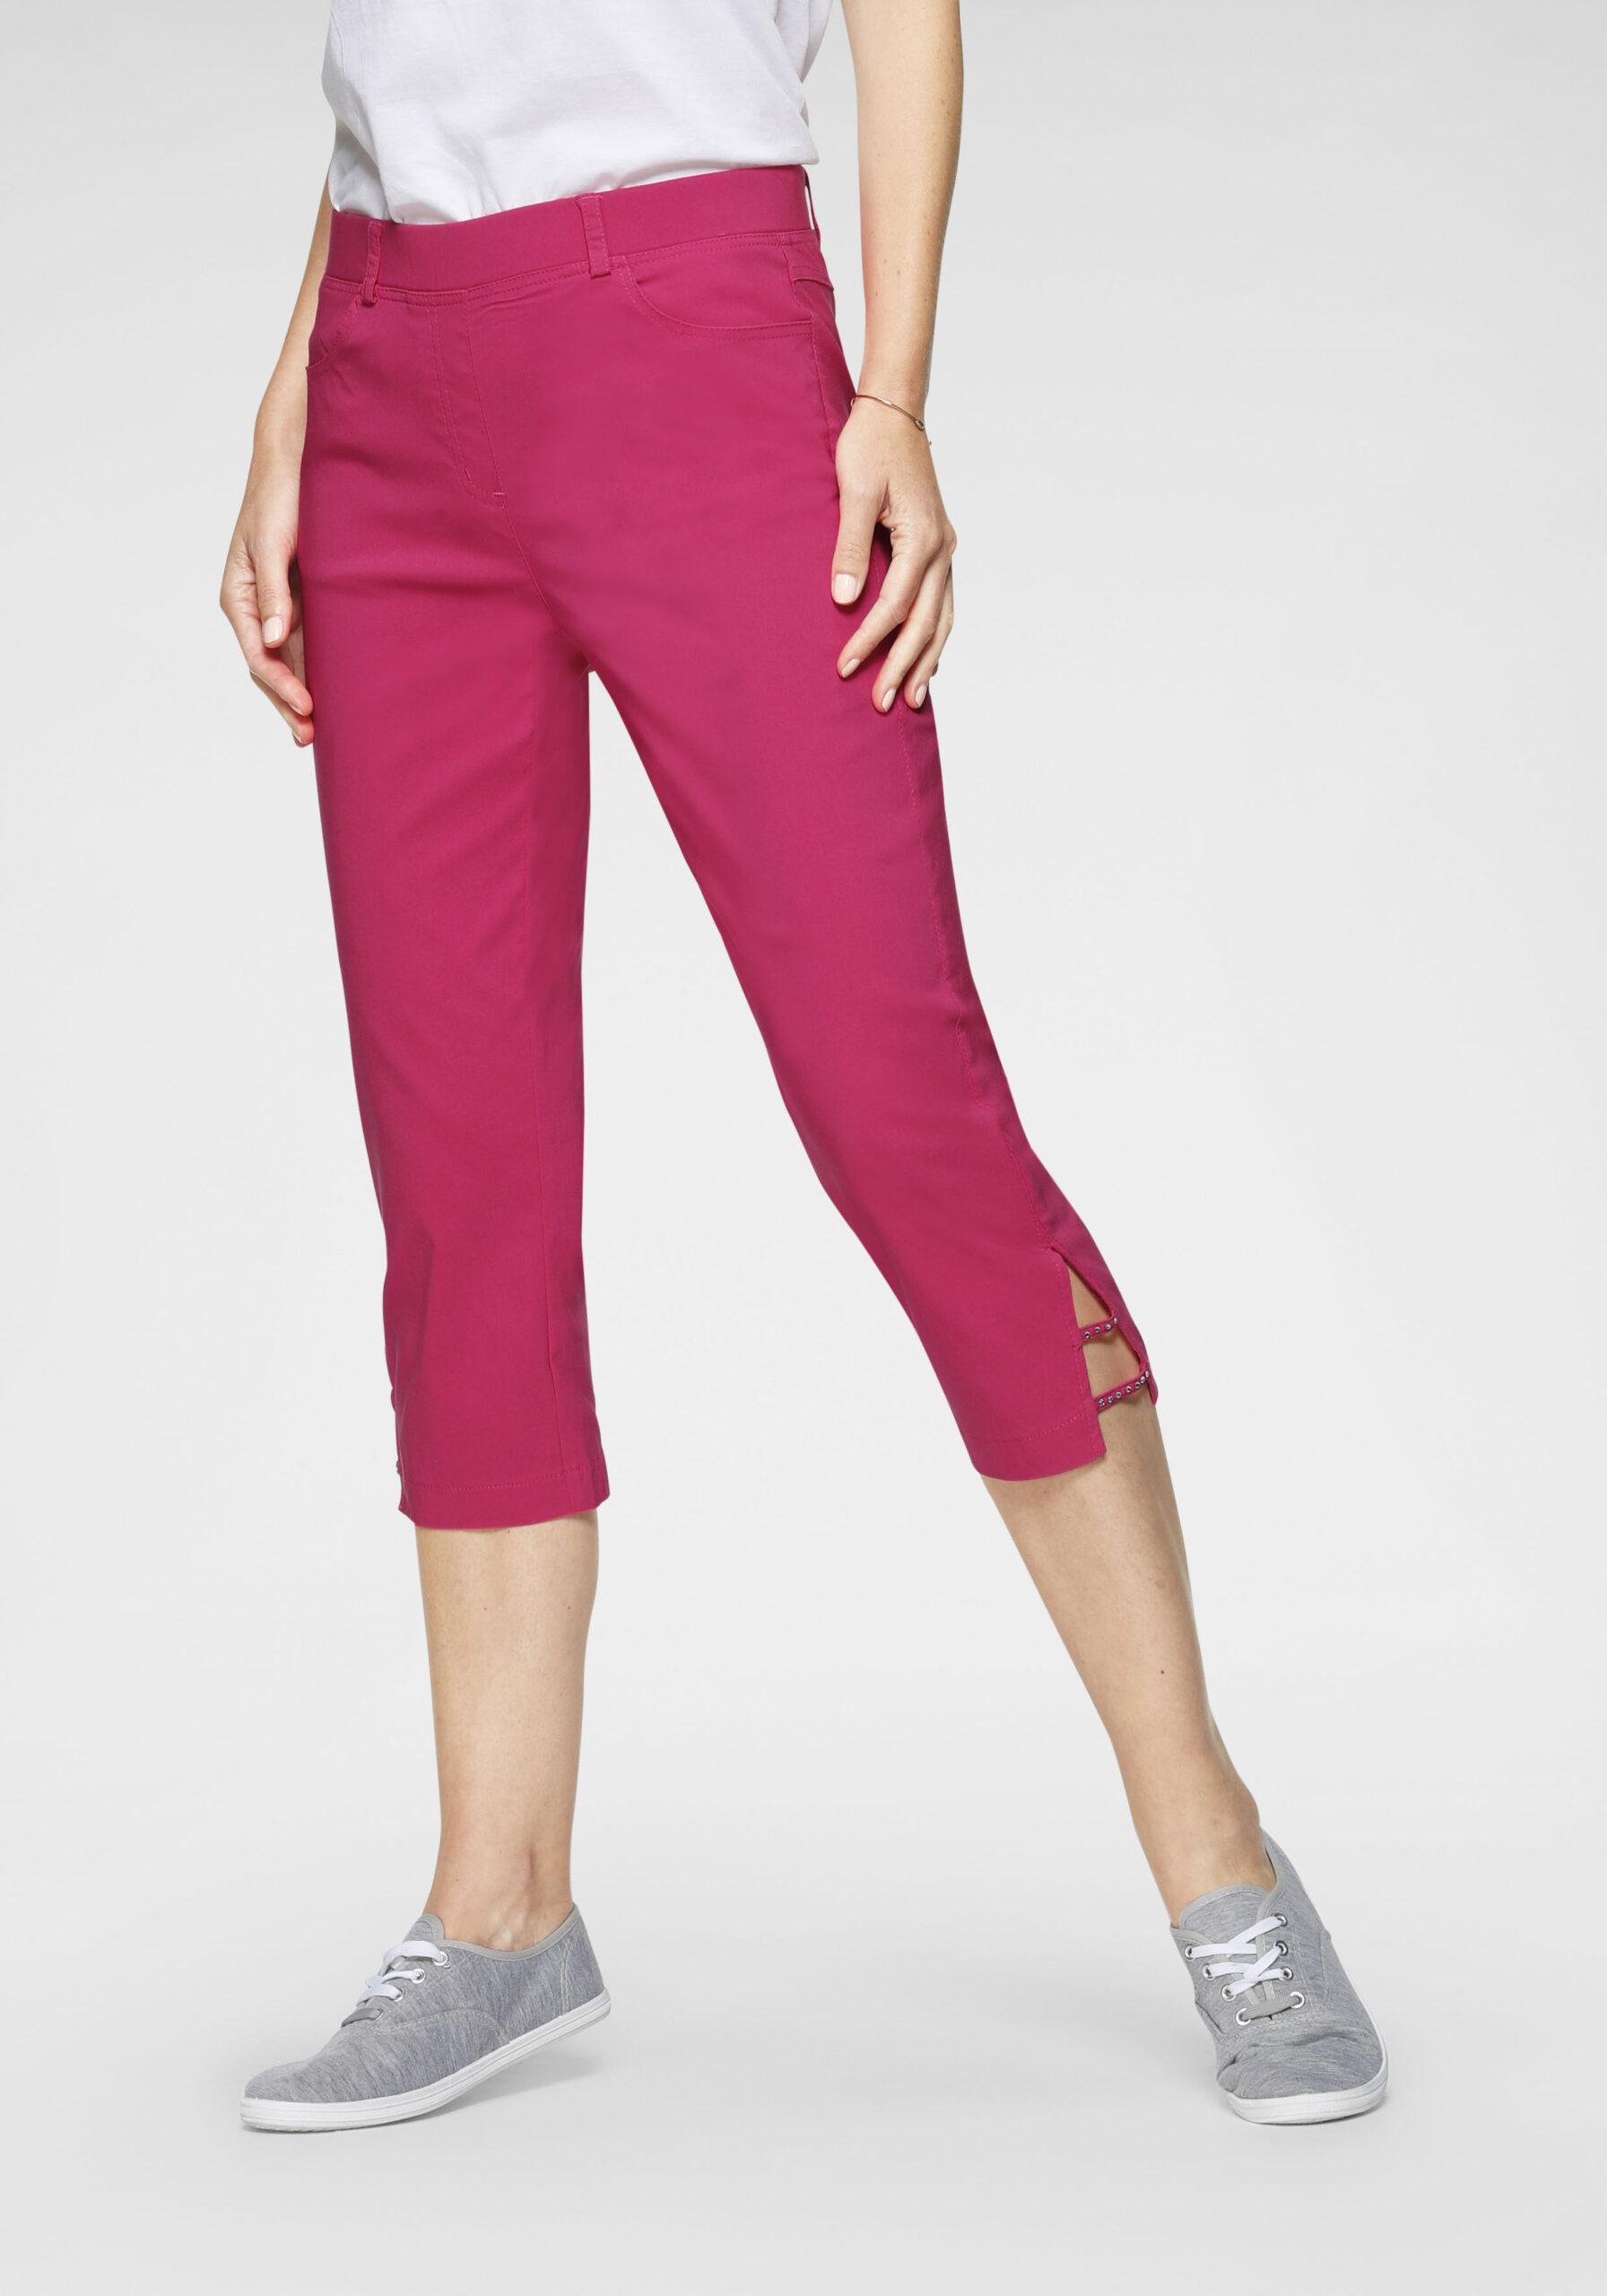 Damen Stretch-Hose mit Strass-Beinschlitz pink